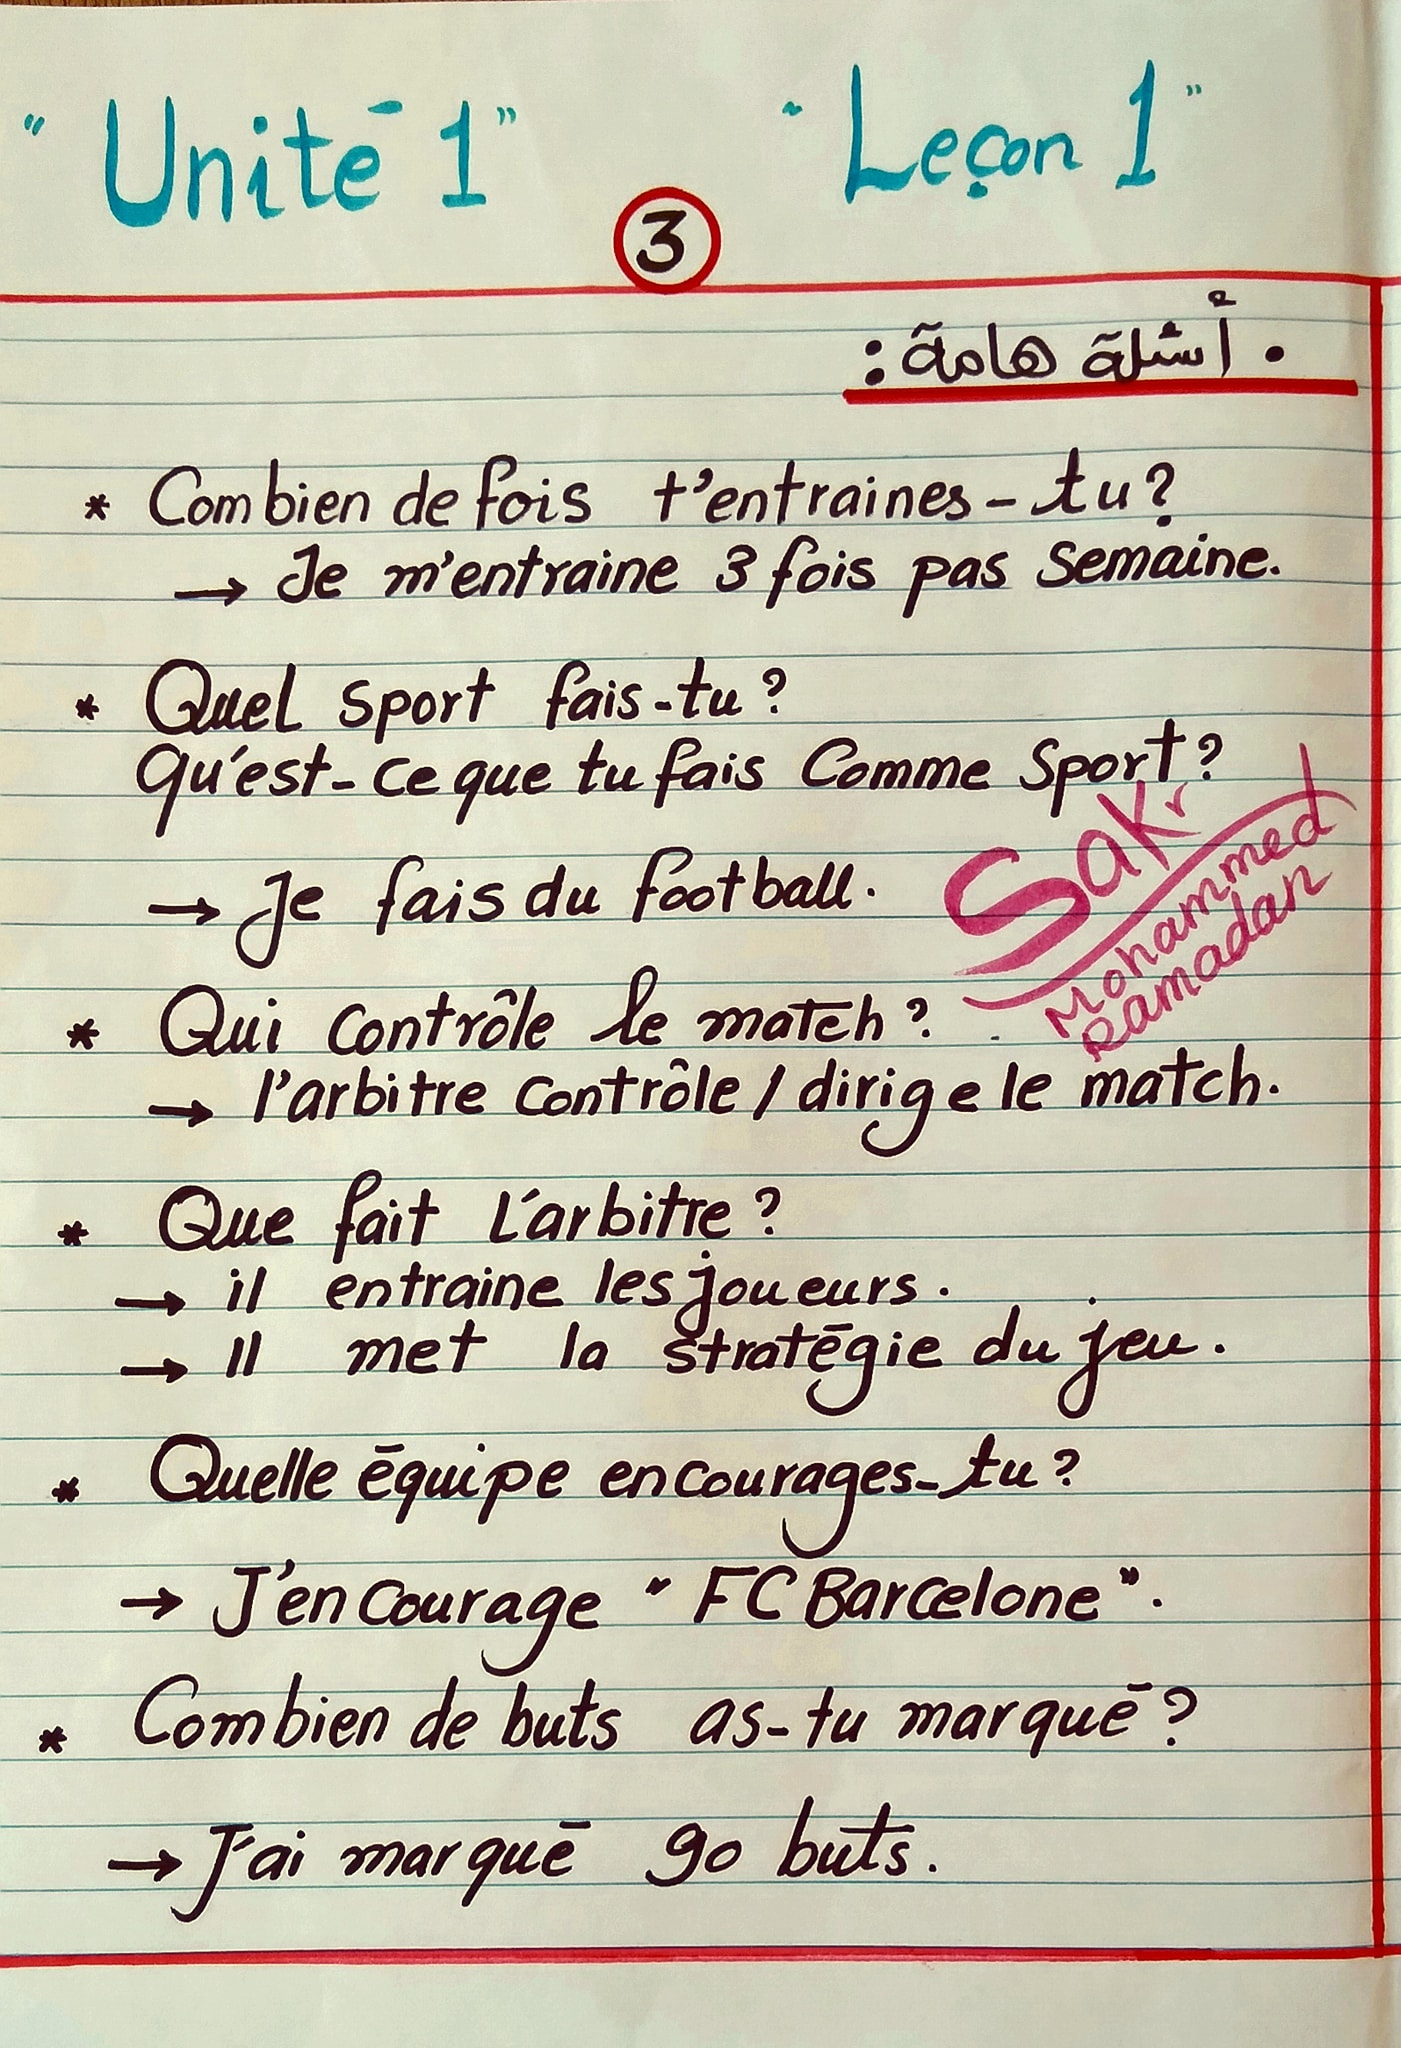 مراجعة الفرنساوي للثانوية العامة مسيو محمد رمضان 3